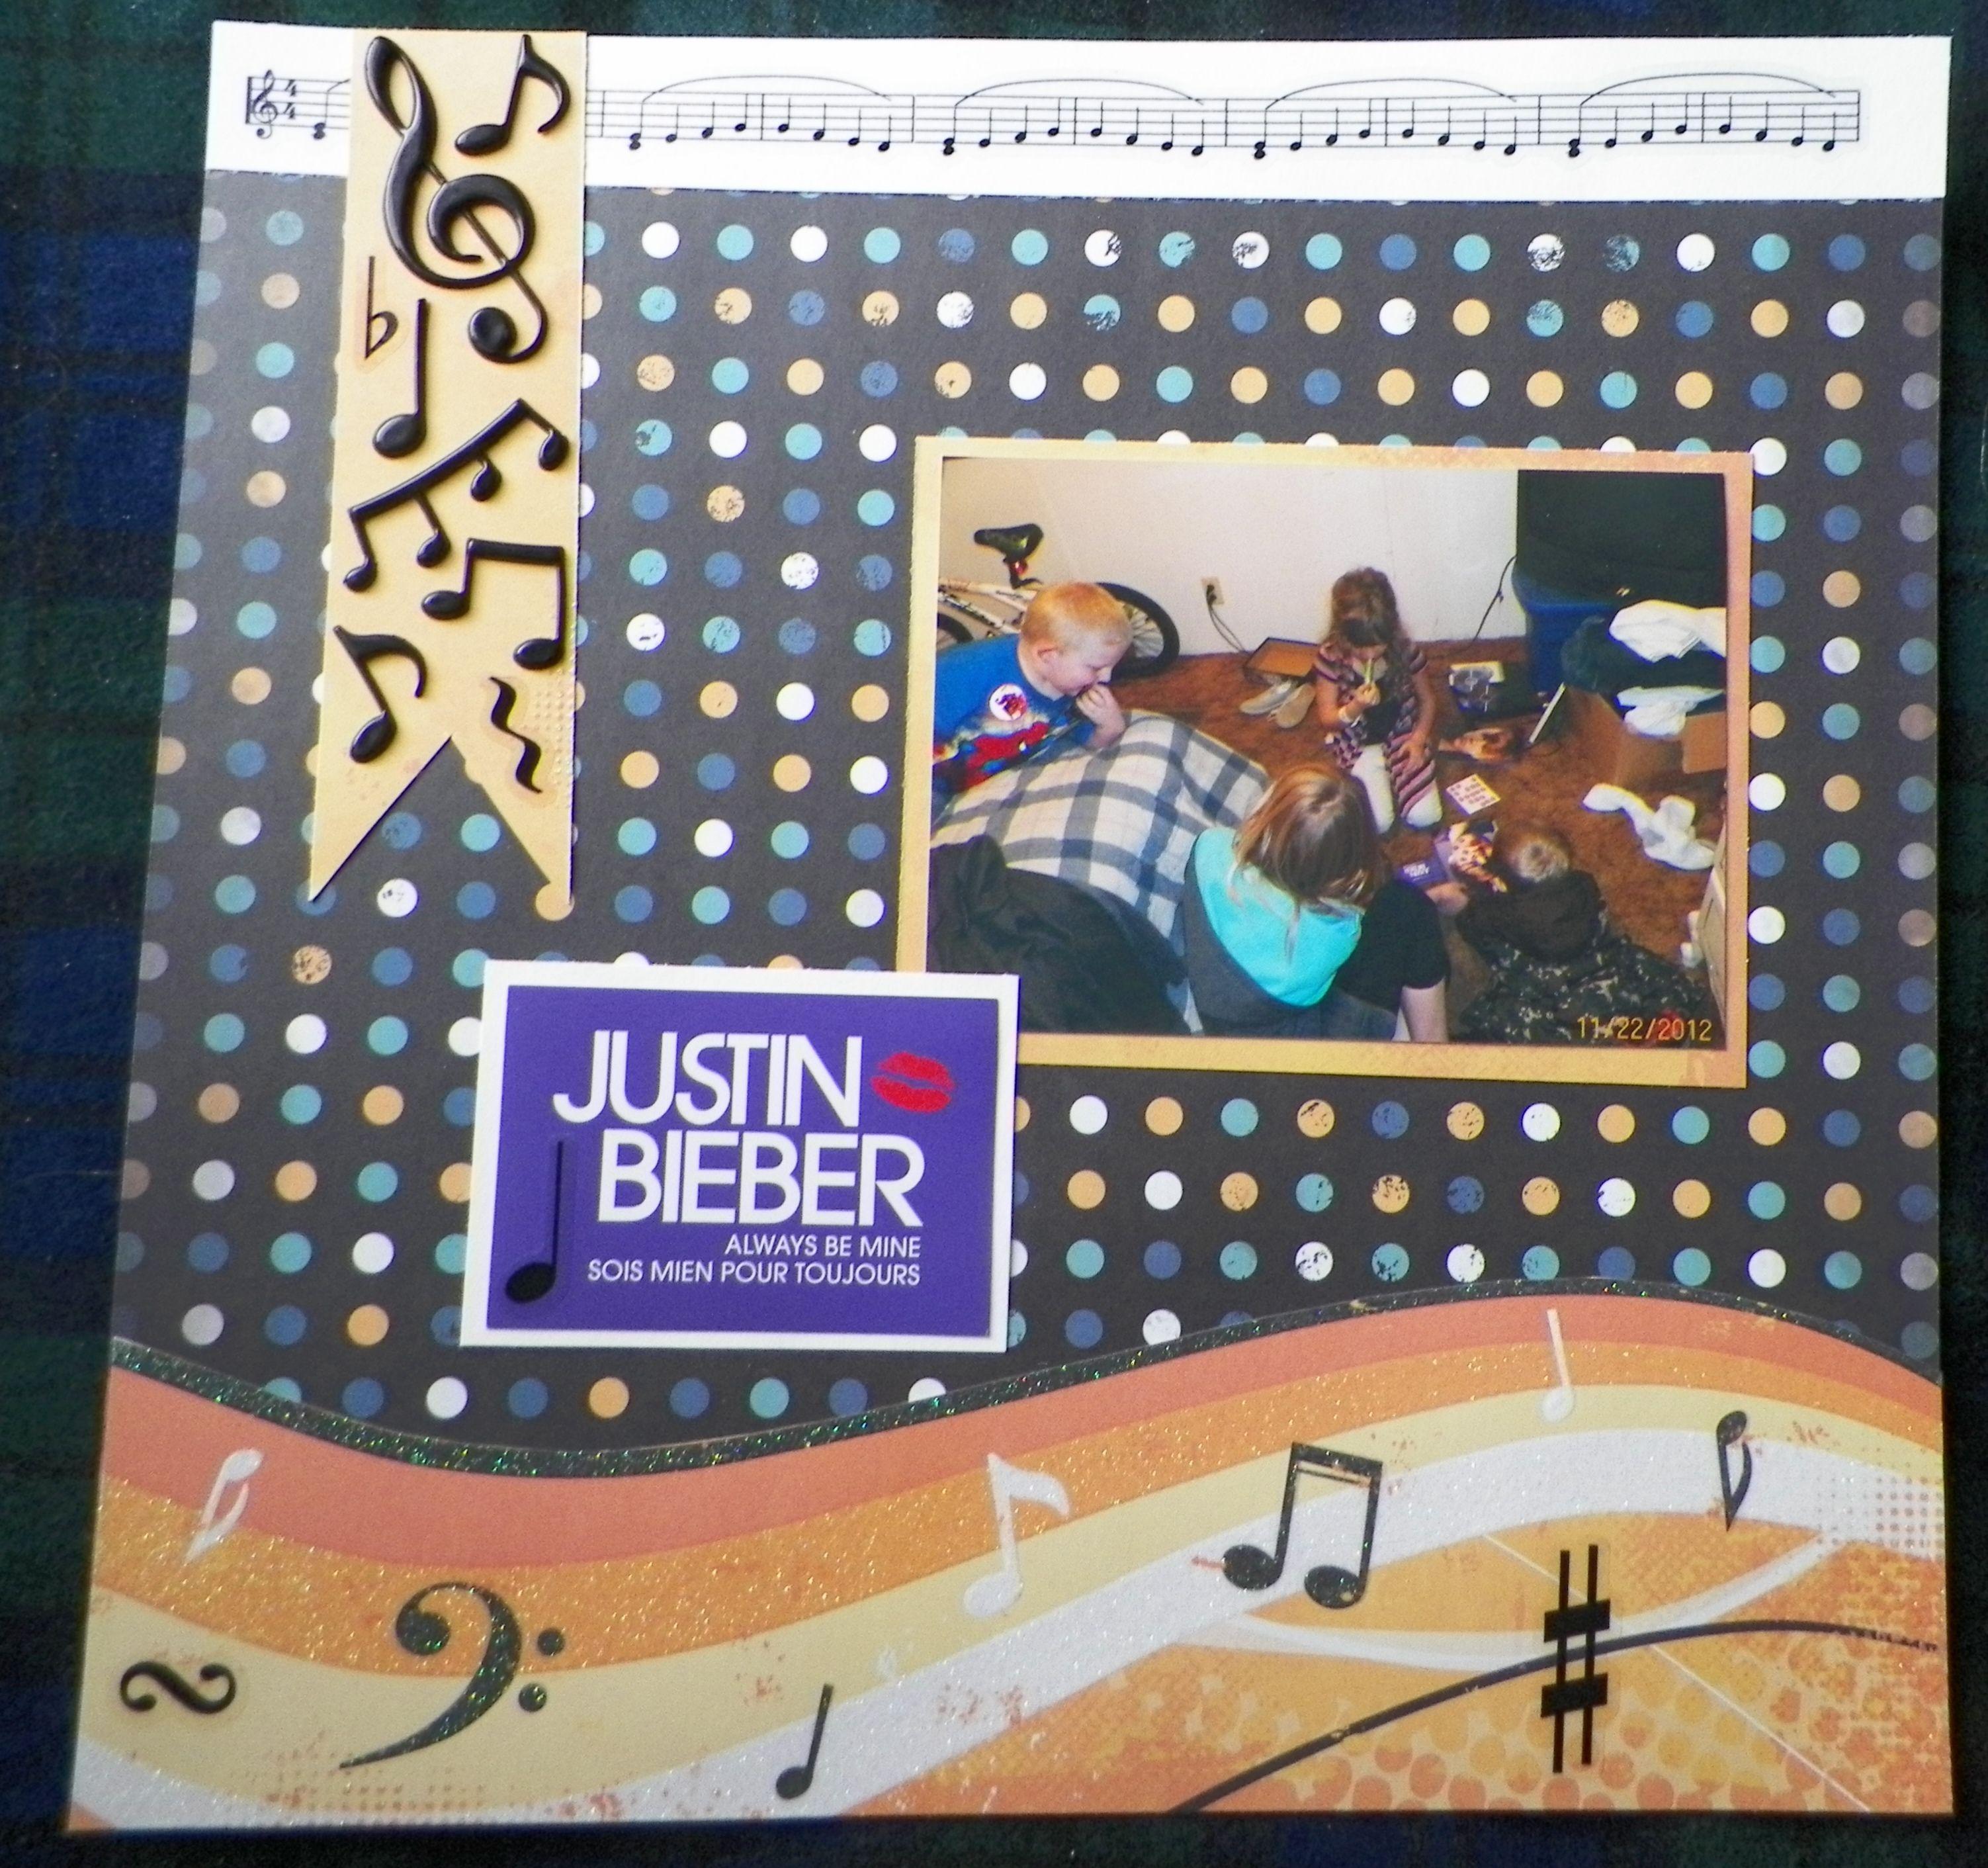 Scrapbook ideas music - Handmade Scrapbook Layout Games Justin Bieber Music